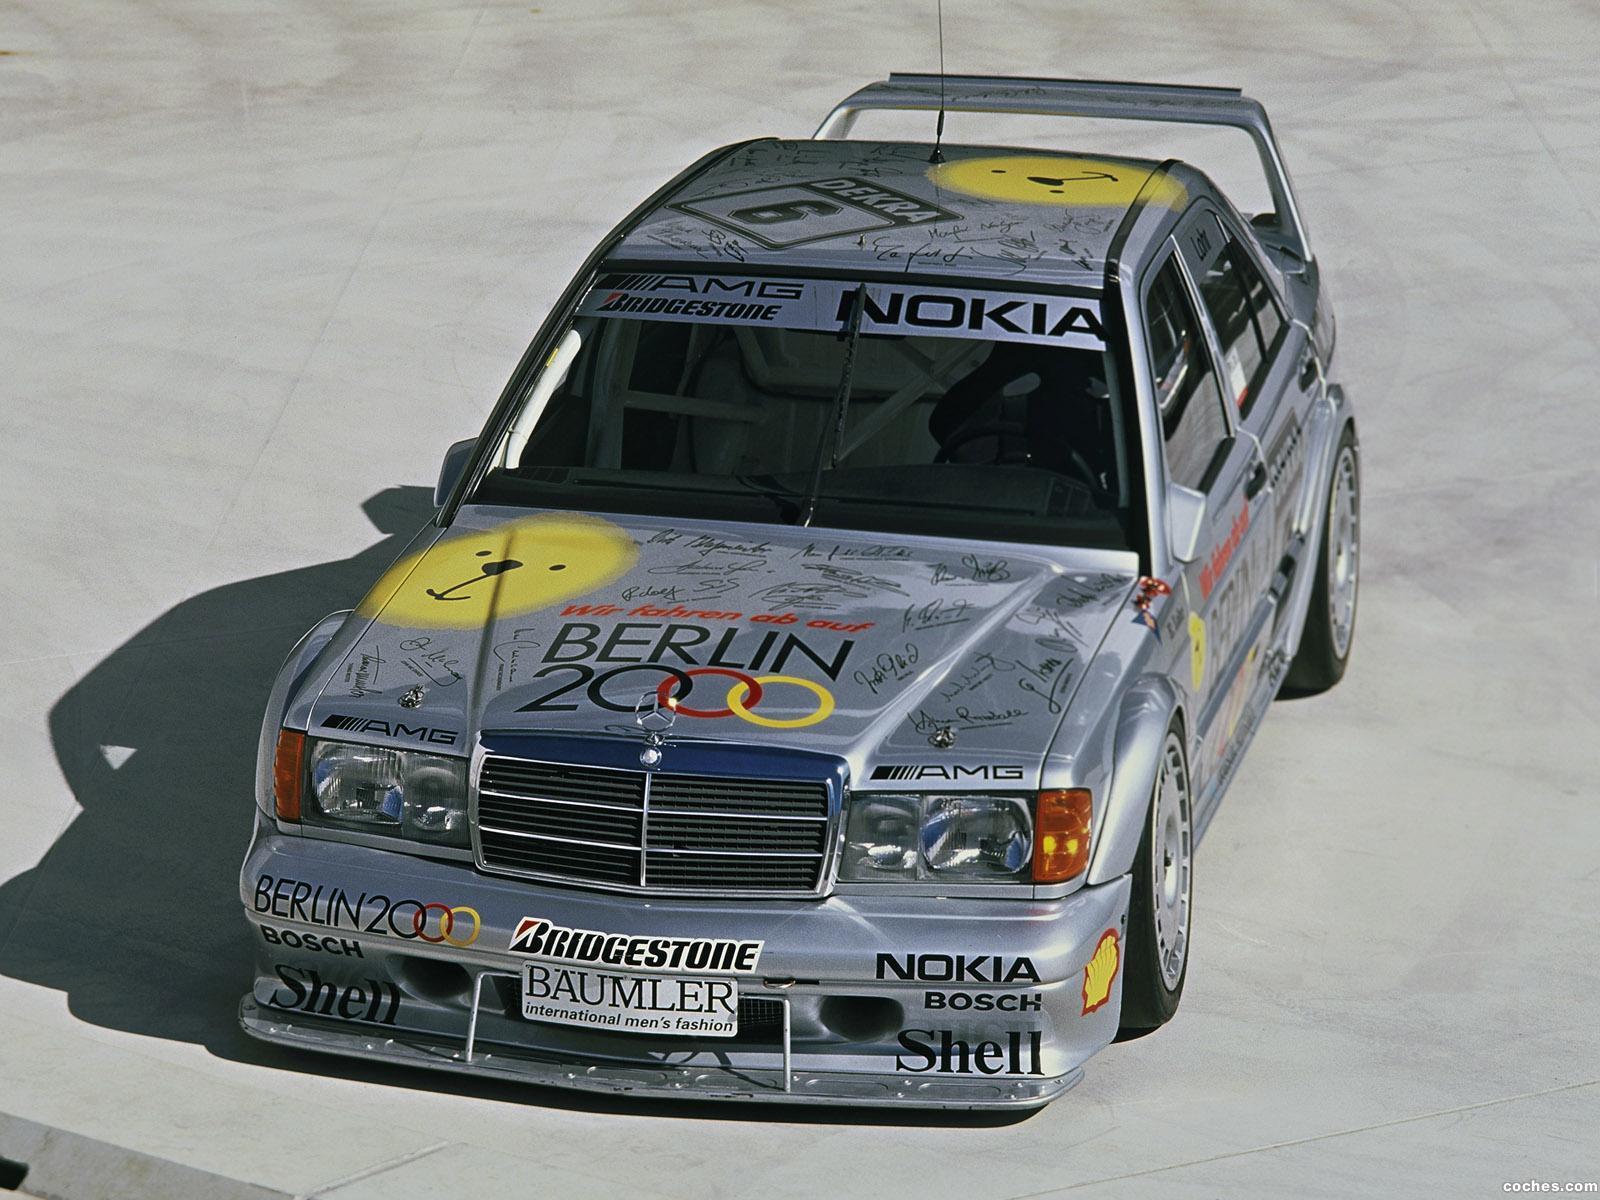 Foto 2 de Mercedes 190E 2-5 16 Evolution II DTM W201 1993